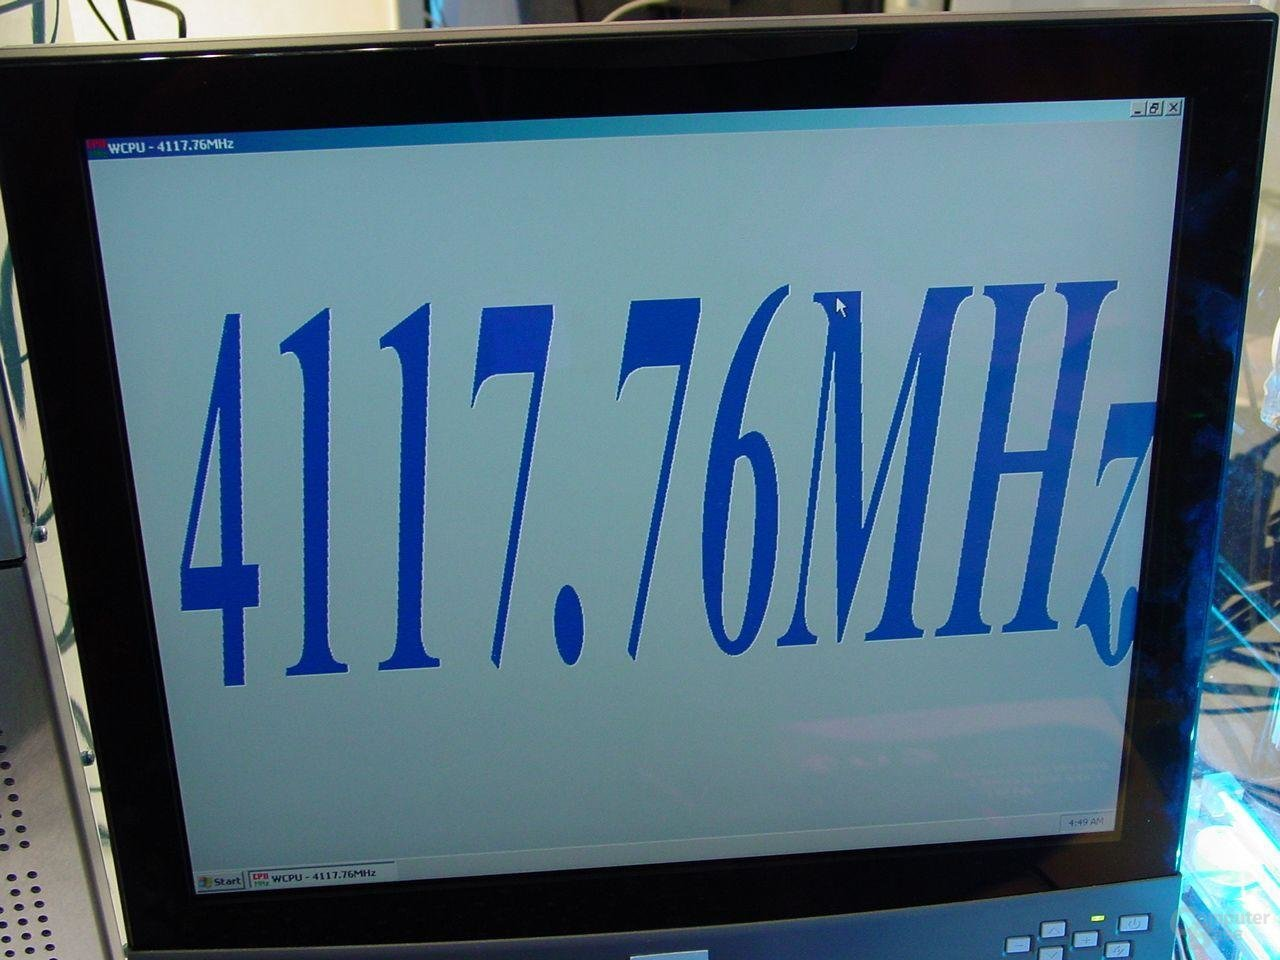 P4 mit 4117 GHz